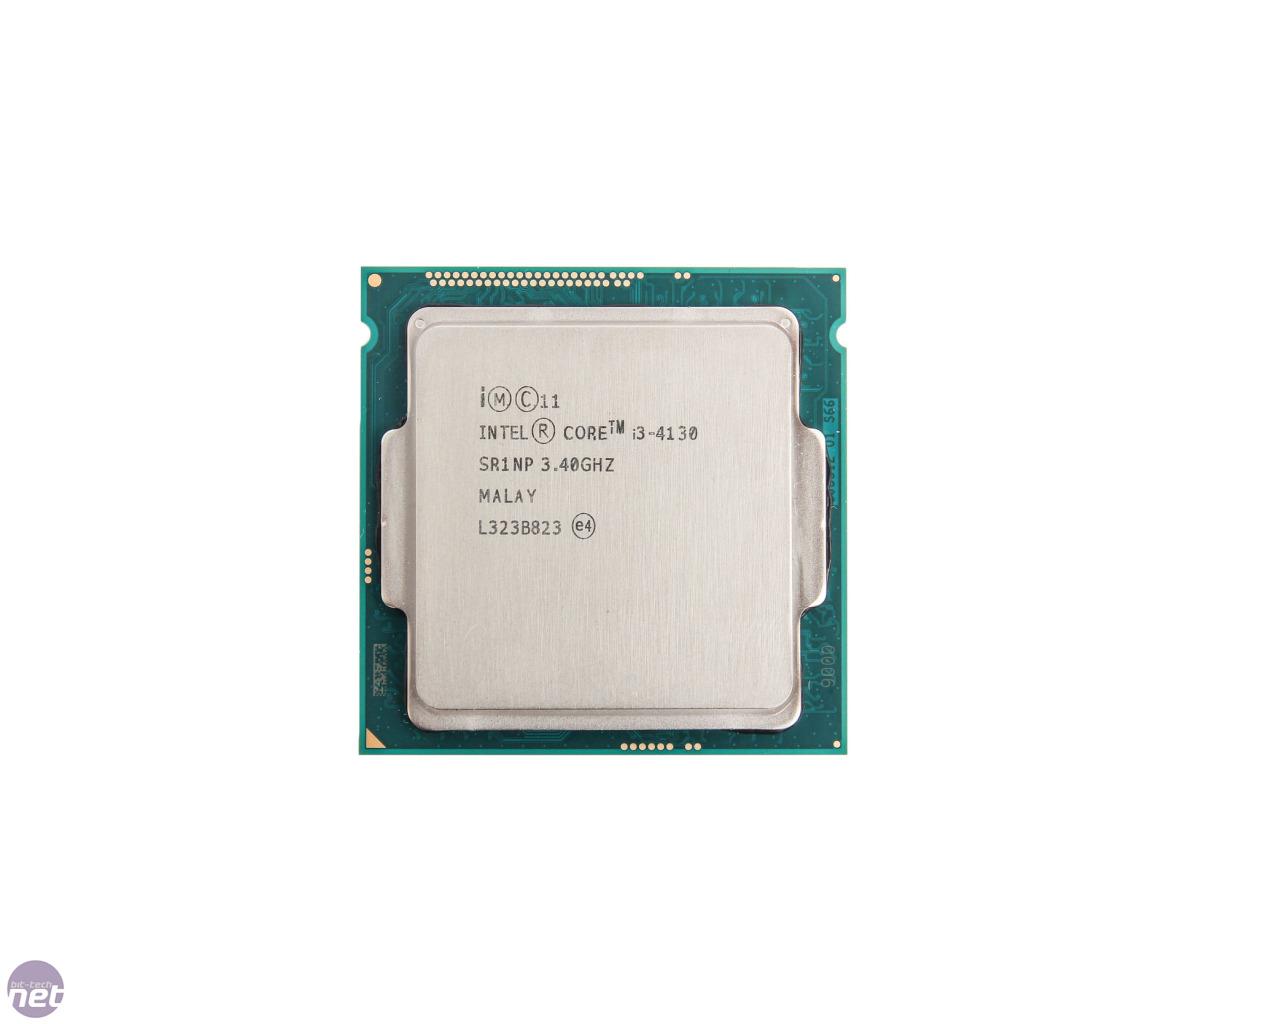 Processor Intel Core i3-4130: description, technical characteristics, owner reviews